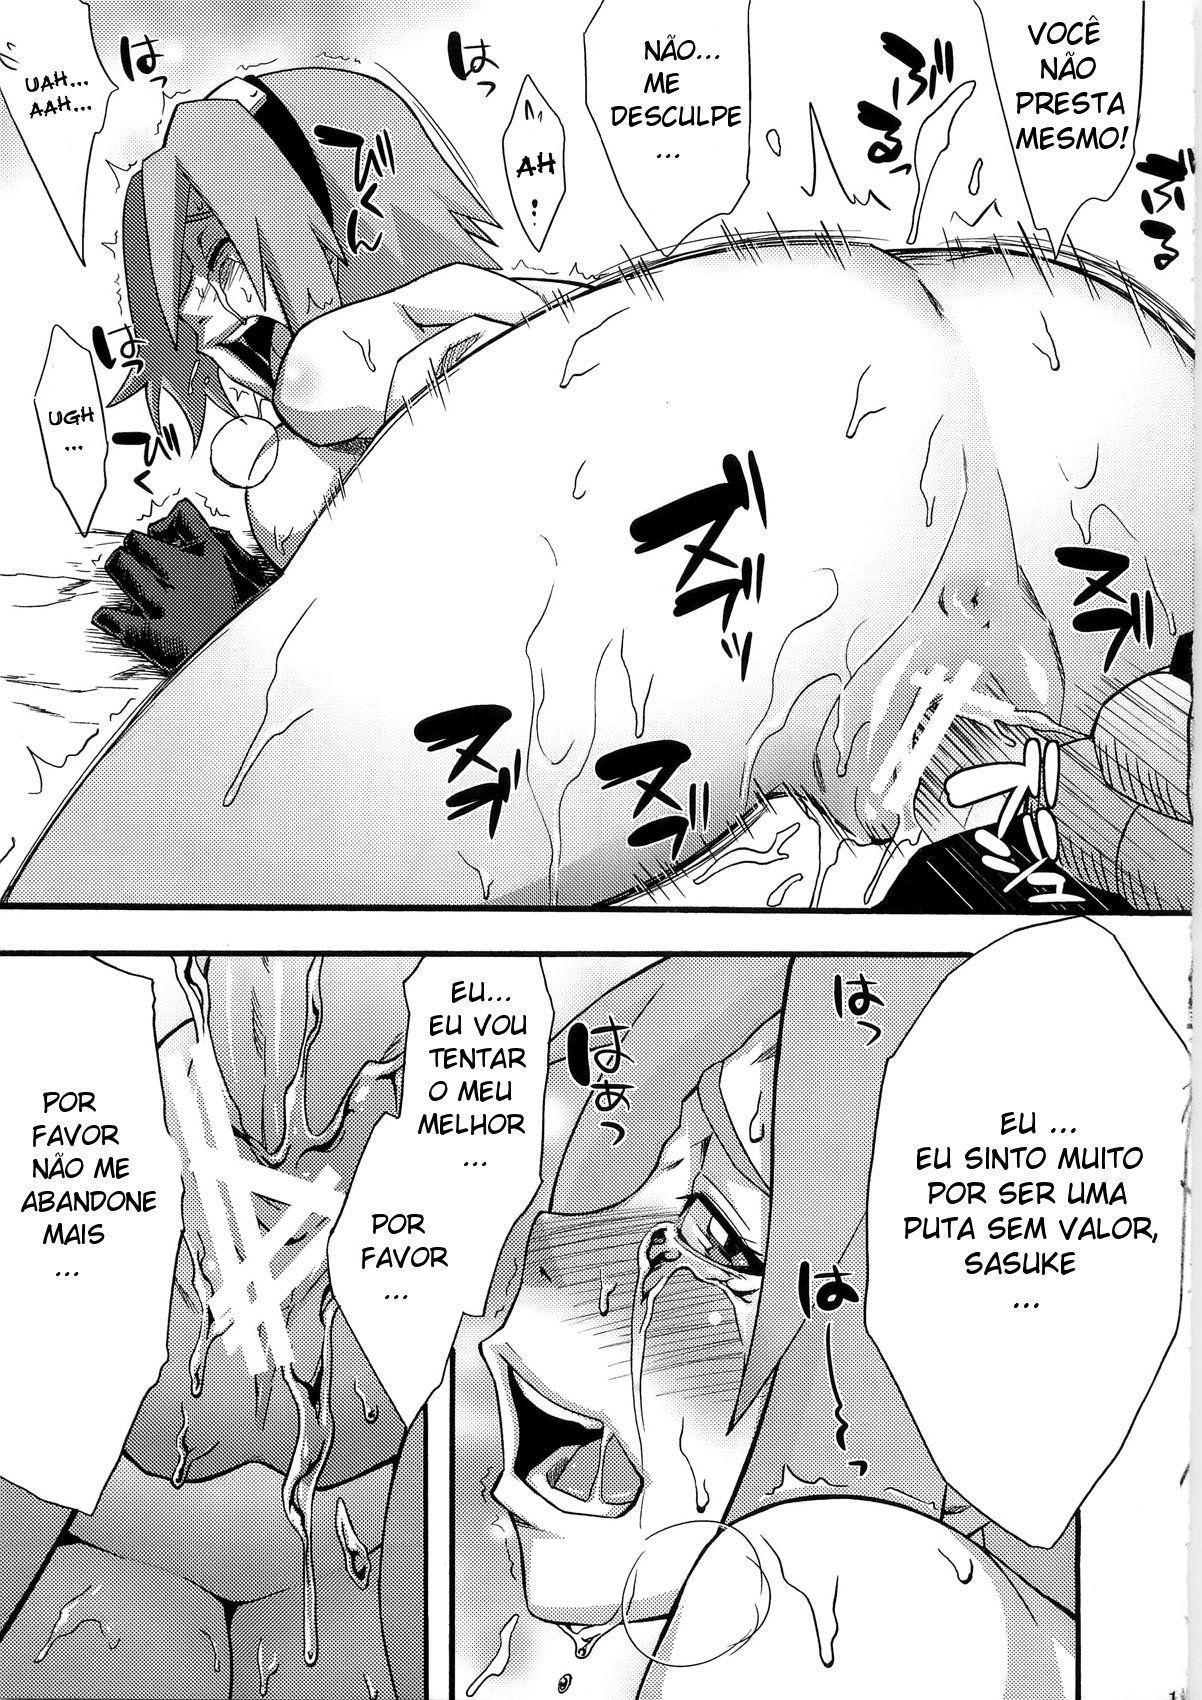 Sakura-é-uma-cadela-dando-pro-Sasuke-16